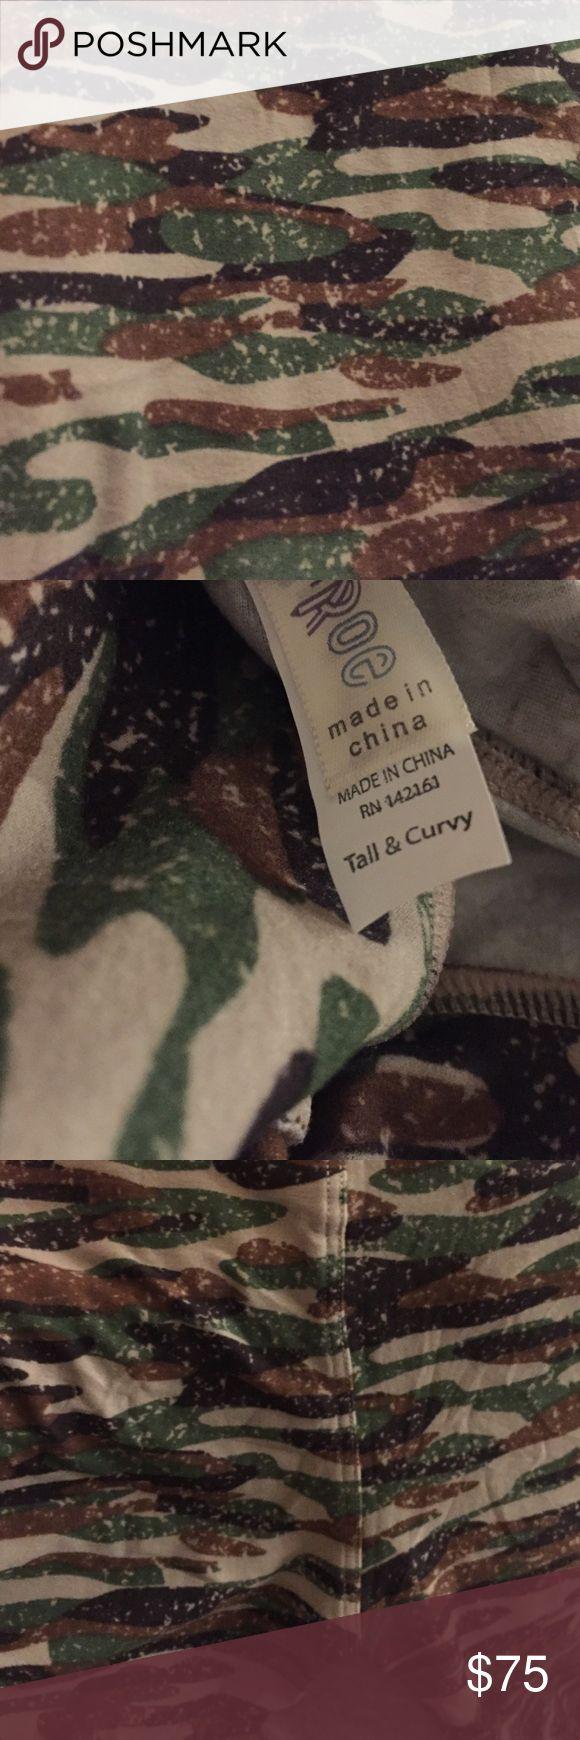 Lularoe TC camouflage leggings new Lularoe TC camouflage leggings new LuLaRoe Pants Leggings